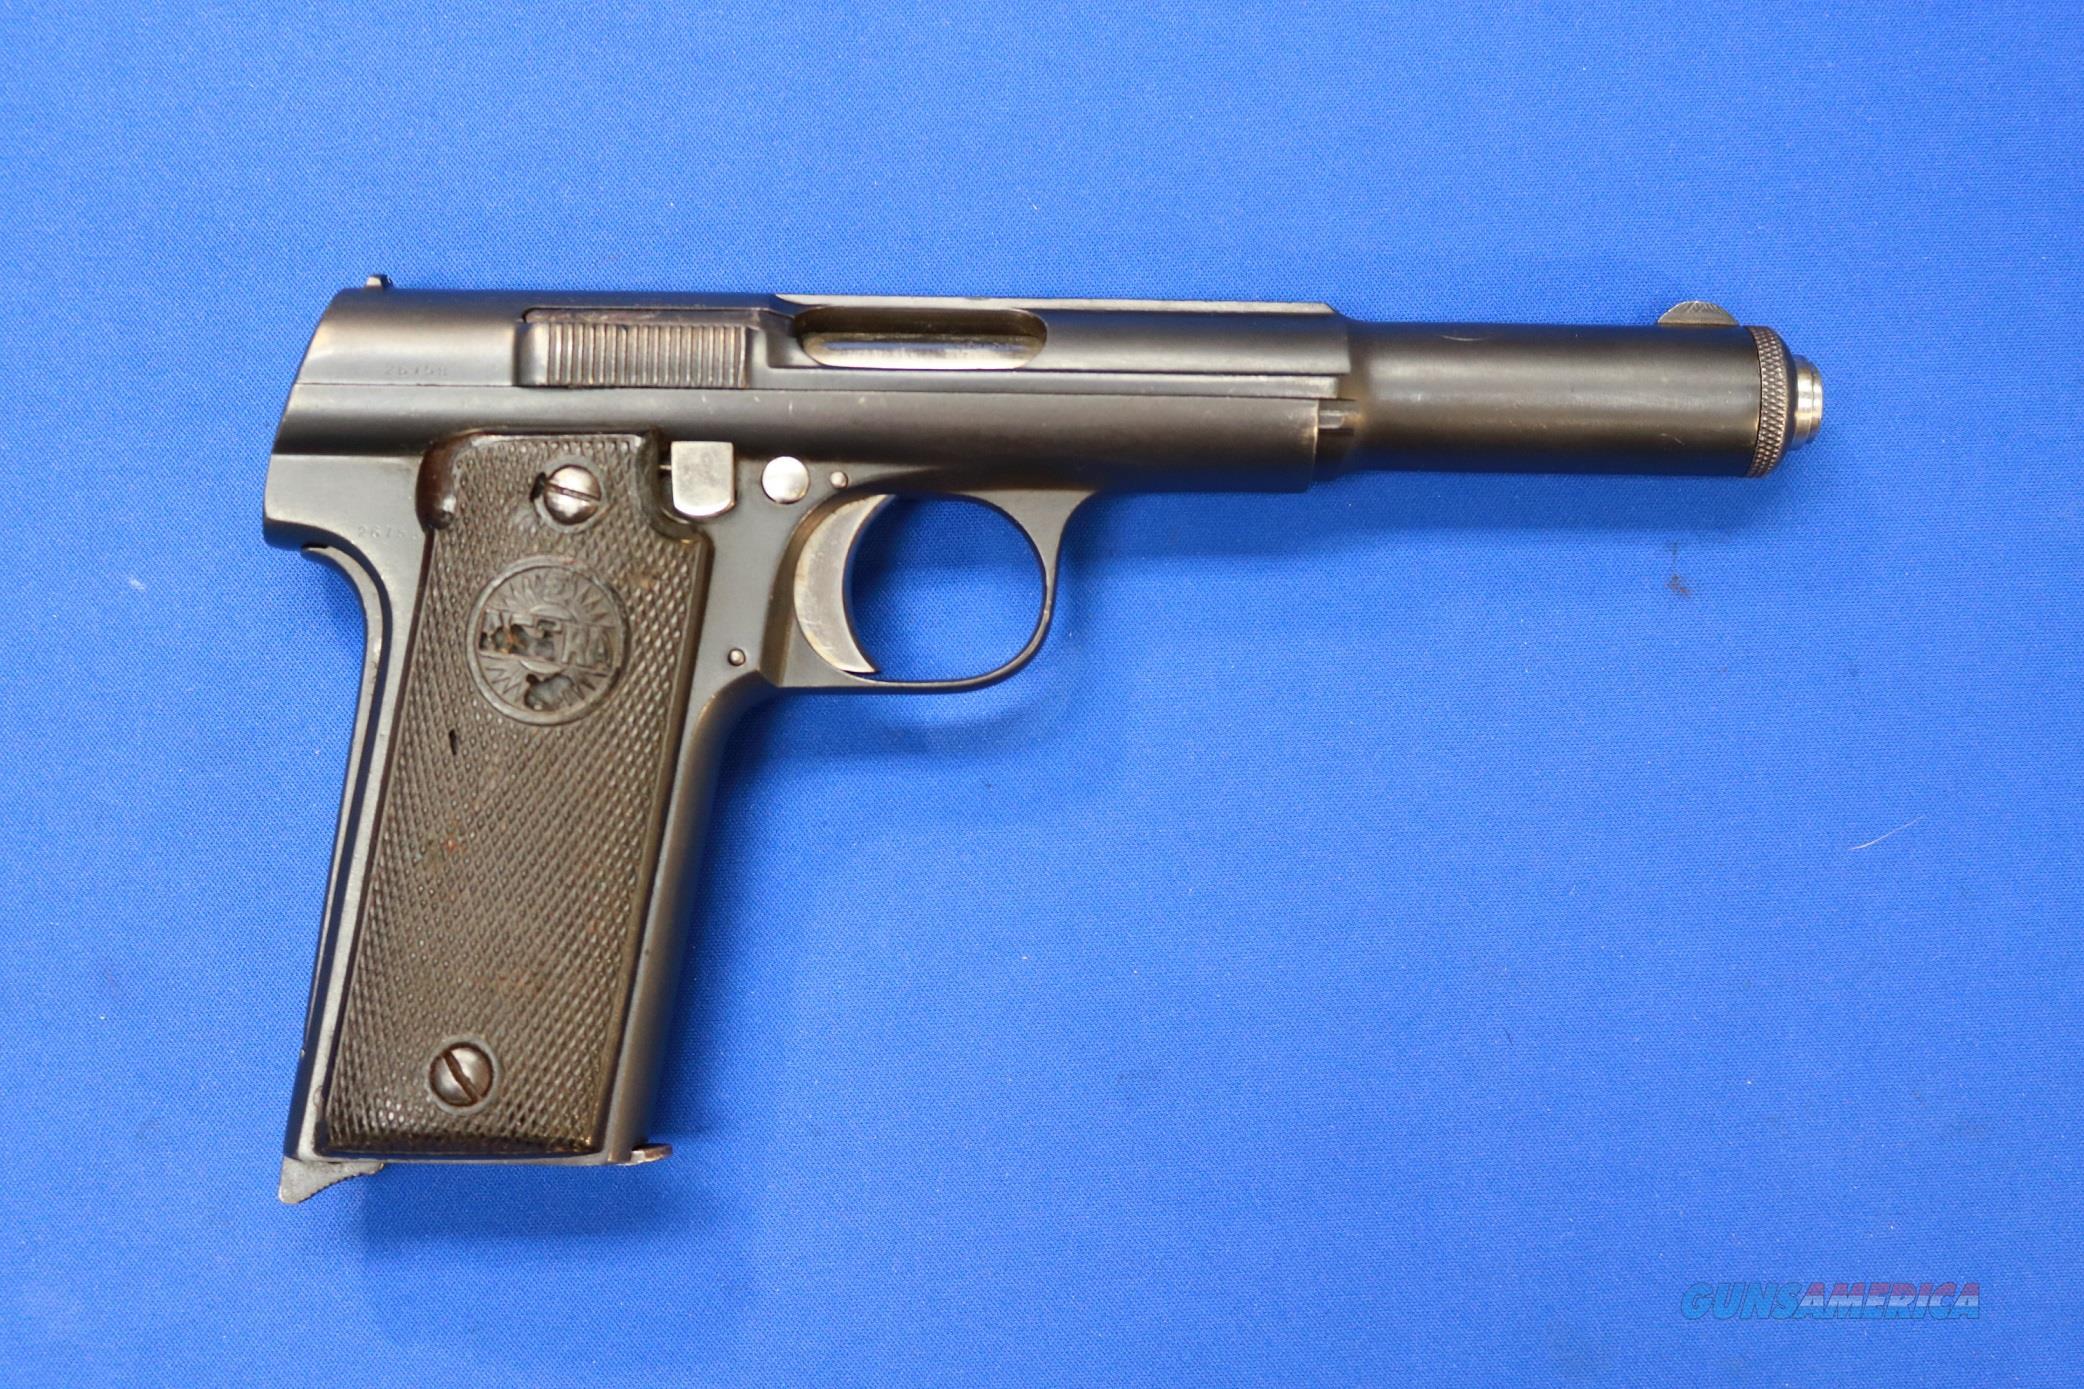 ASTRA MODELO 1921 9mm LARGO (MOD 400)  Guns > Pistols > Astra Pistols